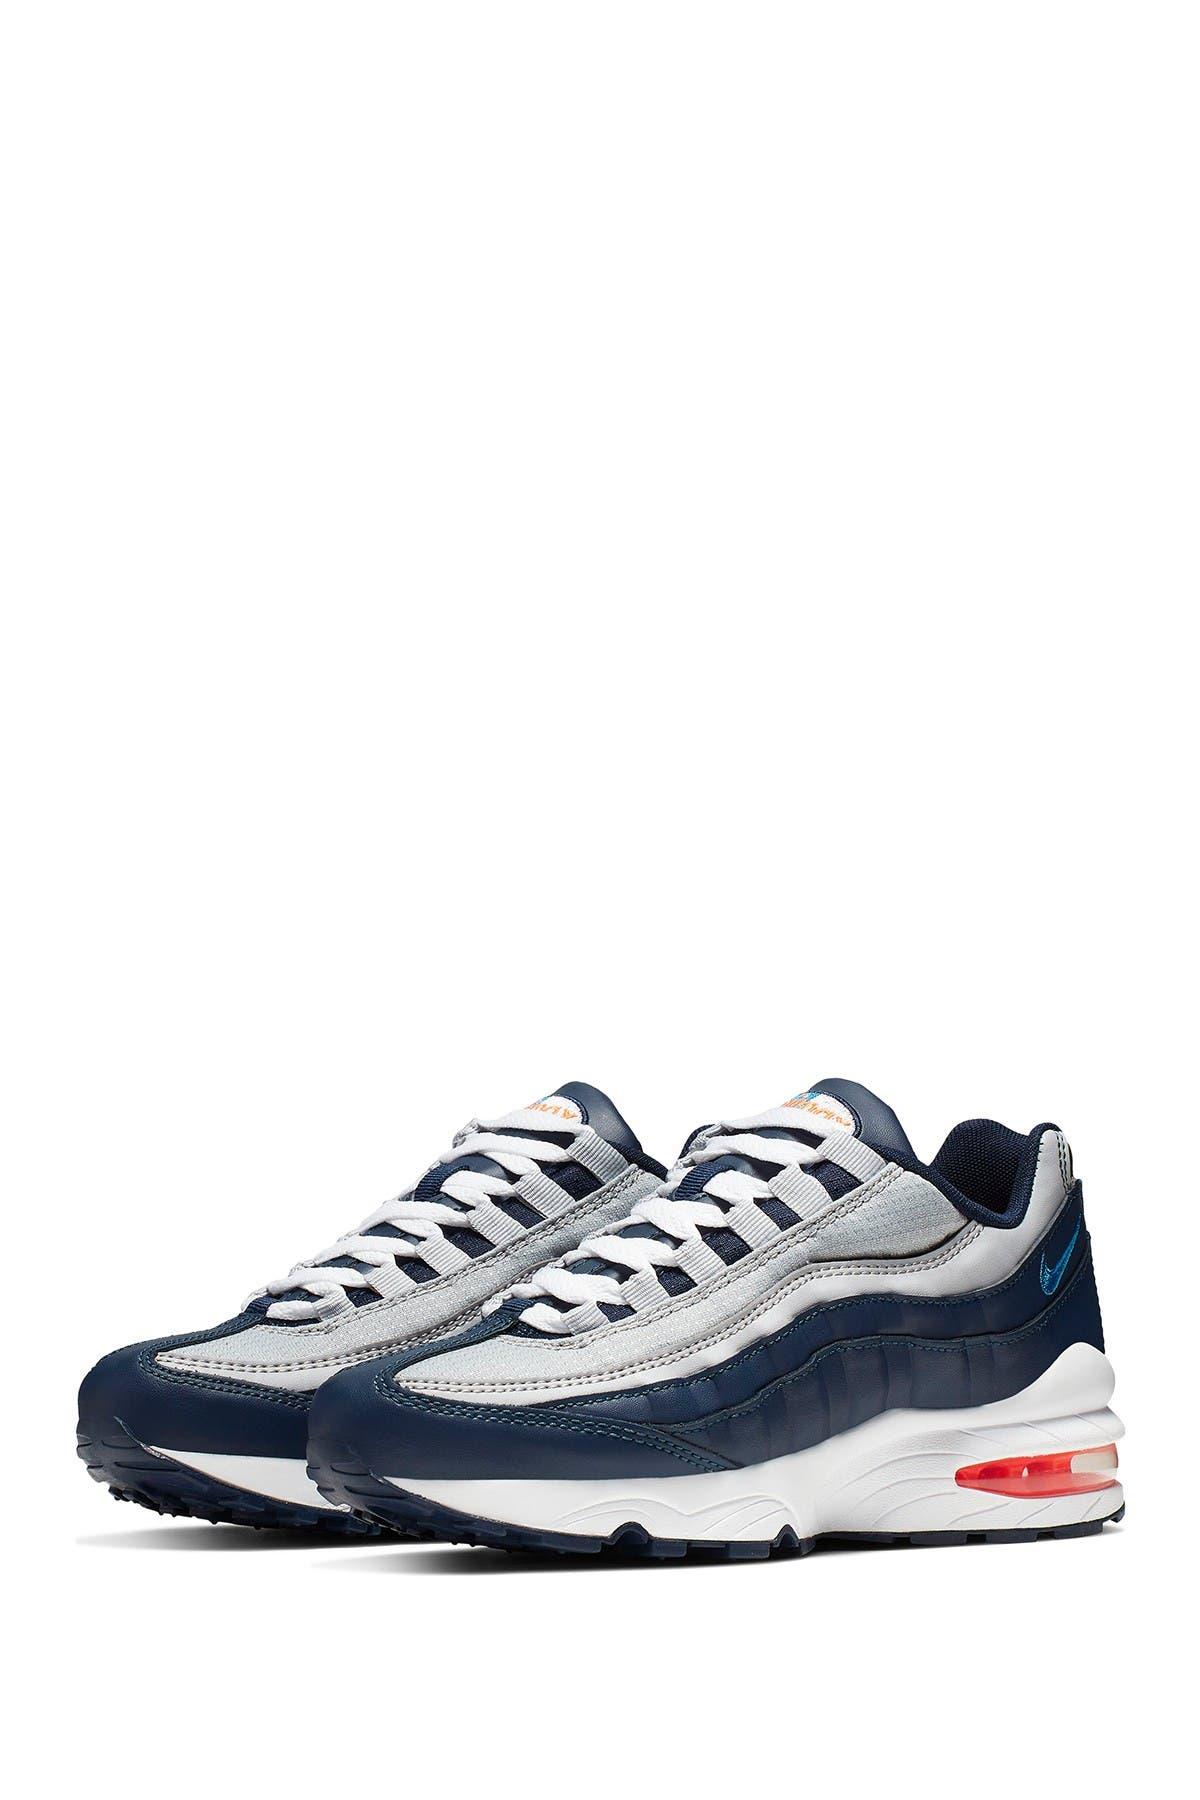 Nike | Air Max 95 Sneaker | Nordstrom Rack